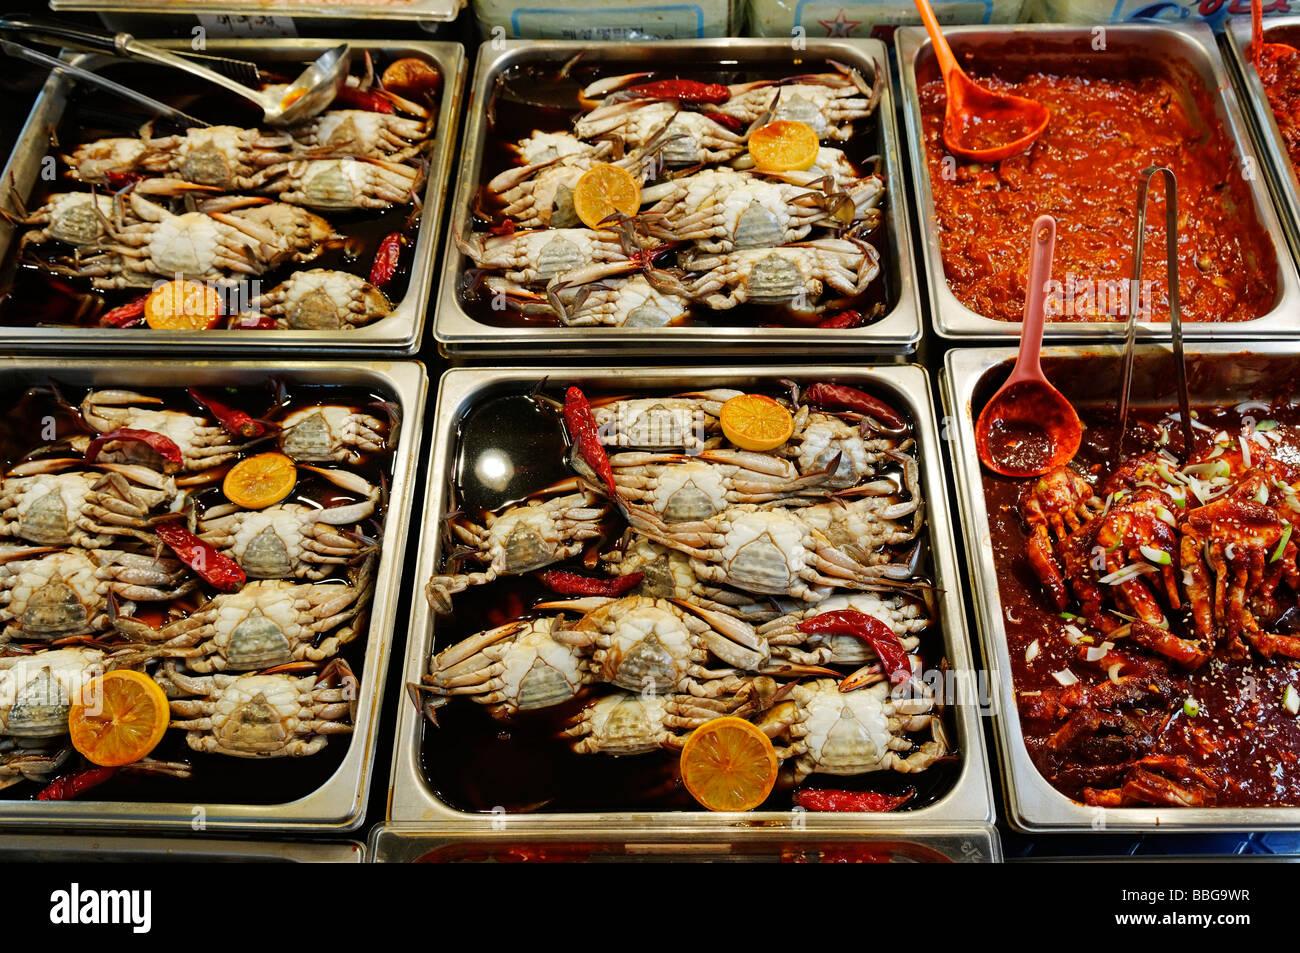 koreanisches essen gekochte krabben meeresfr chte auf einem markt in seoul s dkorea asien. Black Bedroom Furniture Sets. Home Design Ideas